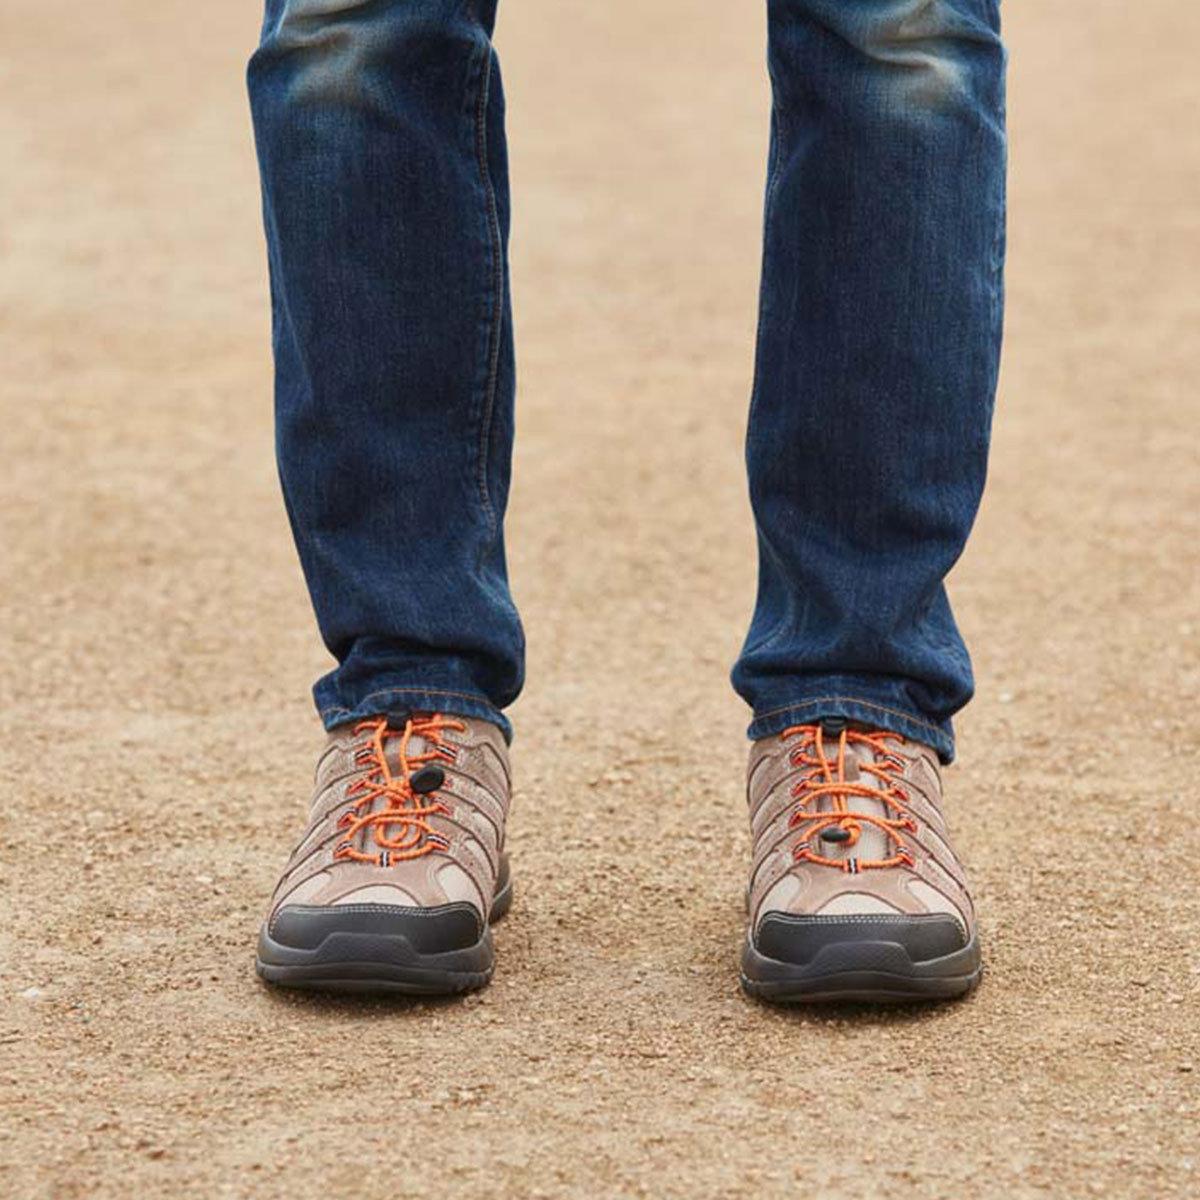 Shoes & Custom Inserts